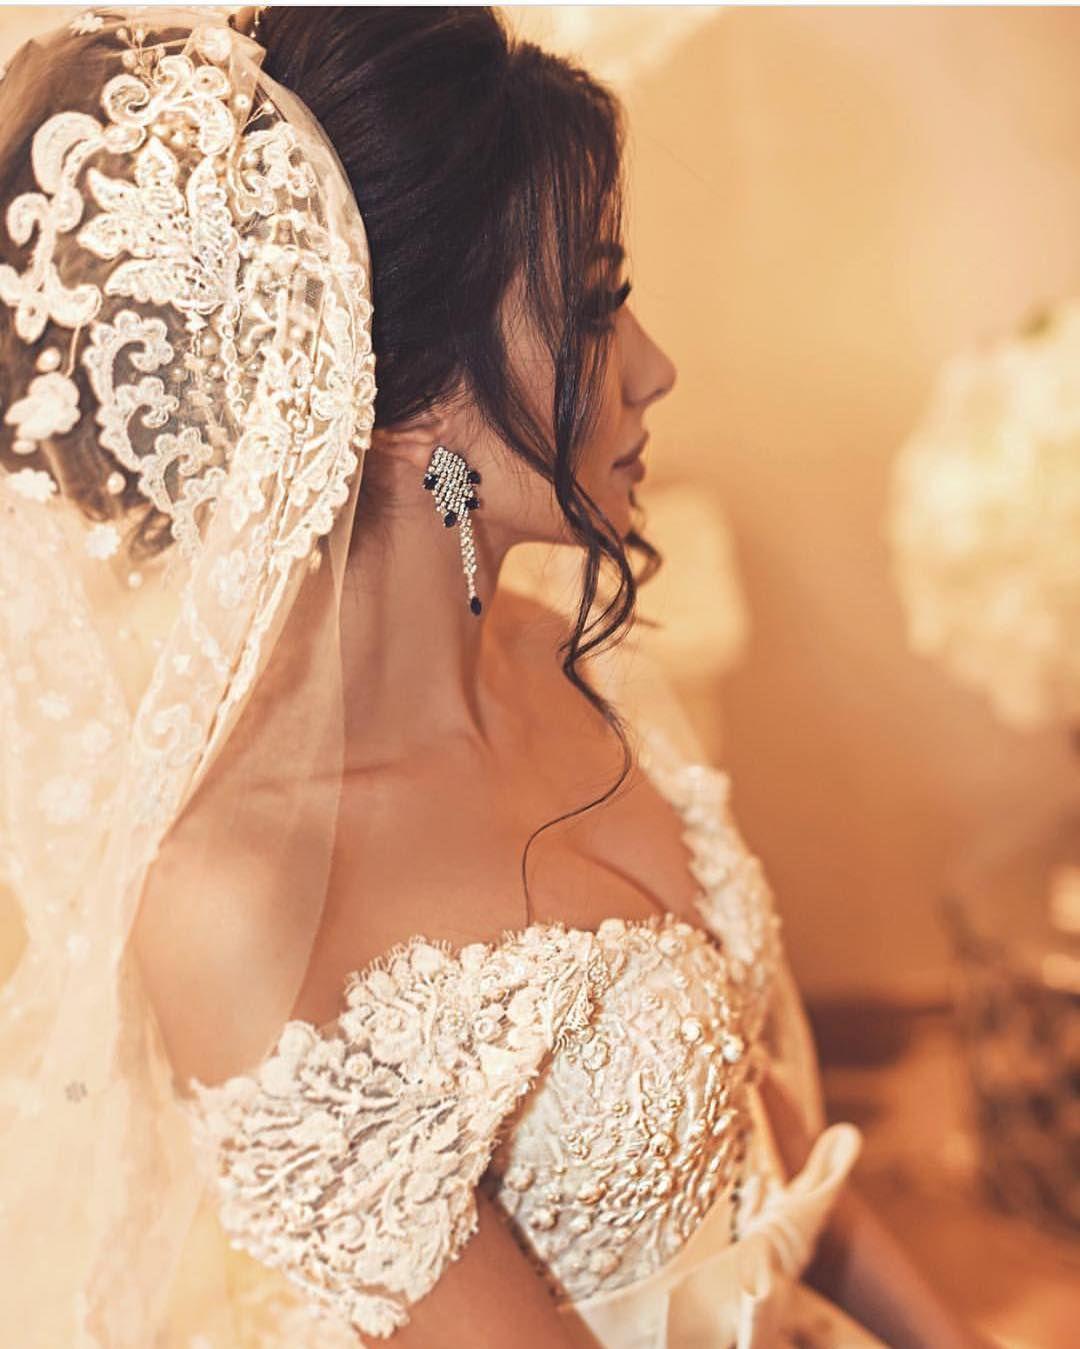 مساء الخير مكياج عروس عرس عرايس تسريحه كونتور رموش ديكور دزه زفه تصميم بوح روعه ذوق الكويت الامارات ال Wedding Dresses Wedding Bustier Bridal Wedding Dresses